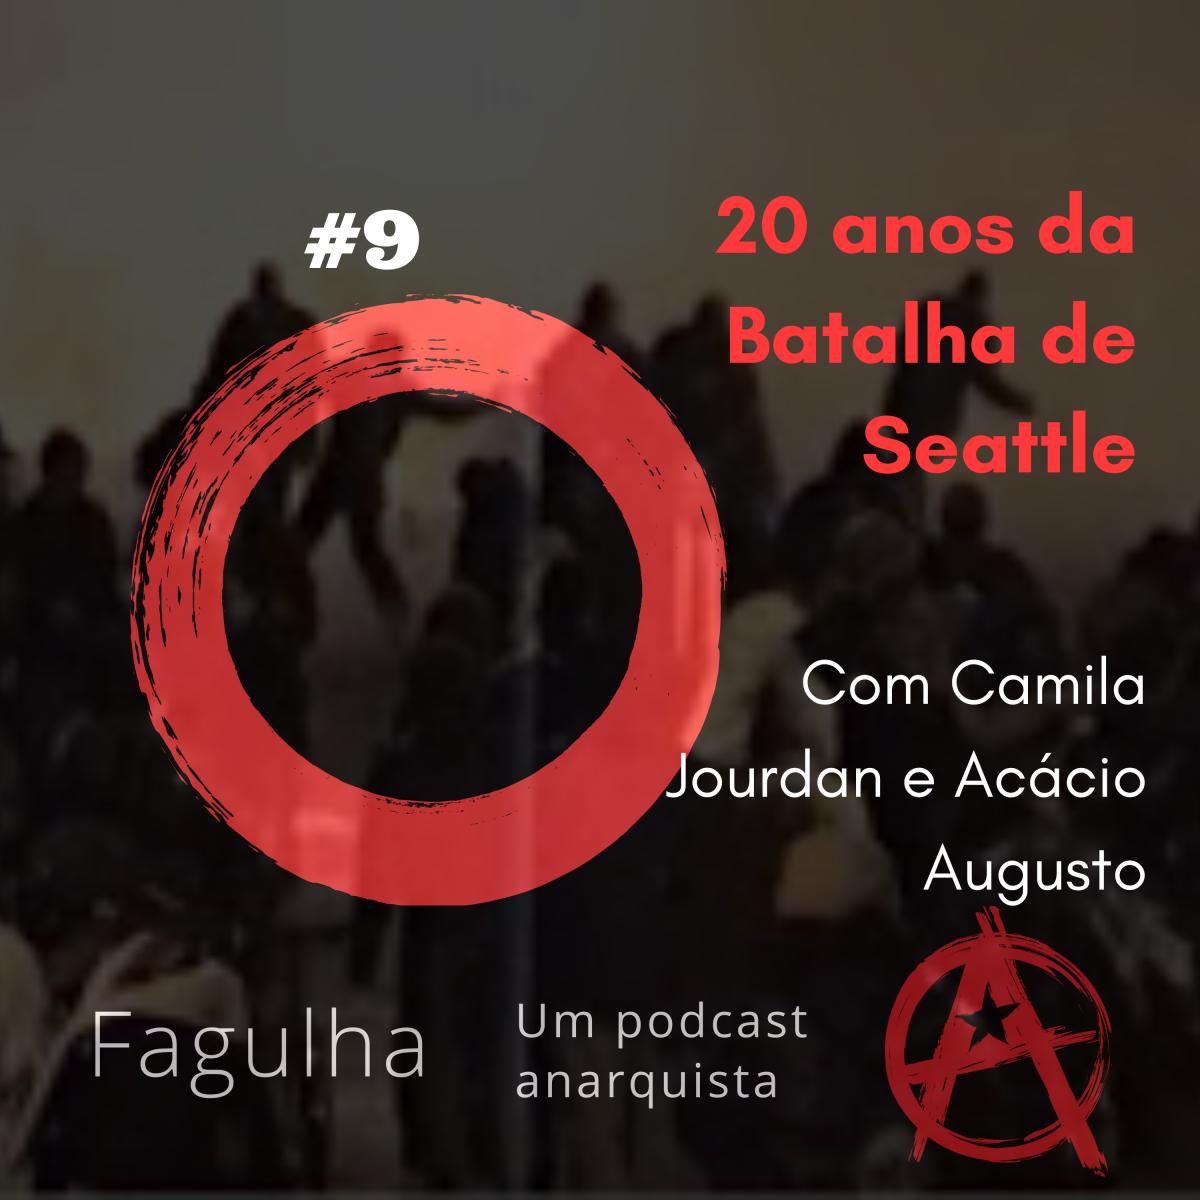 #09: 20 anos da Batalha de Seattle, com Camila Jourdan e Acácio Augusto